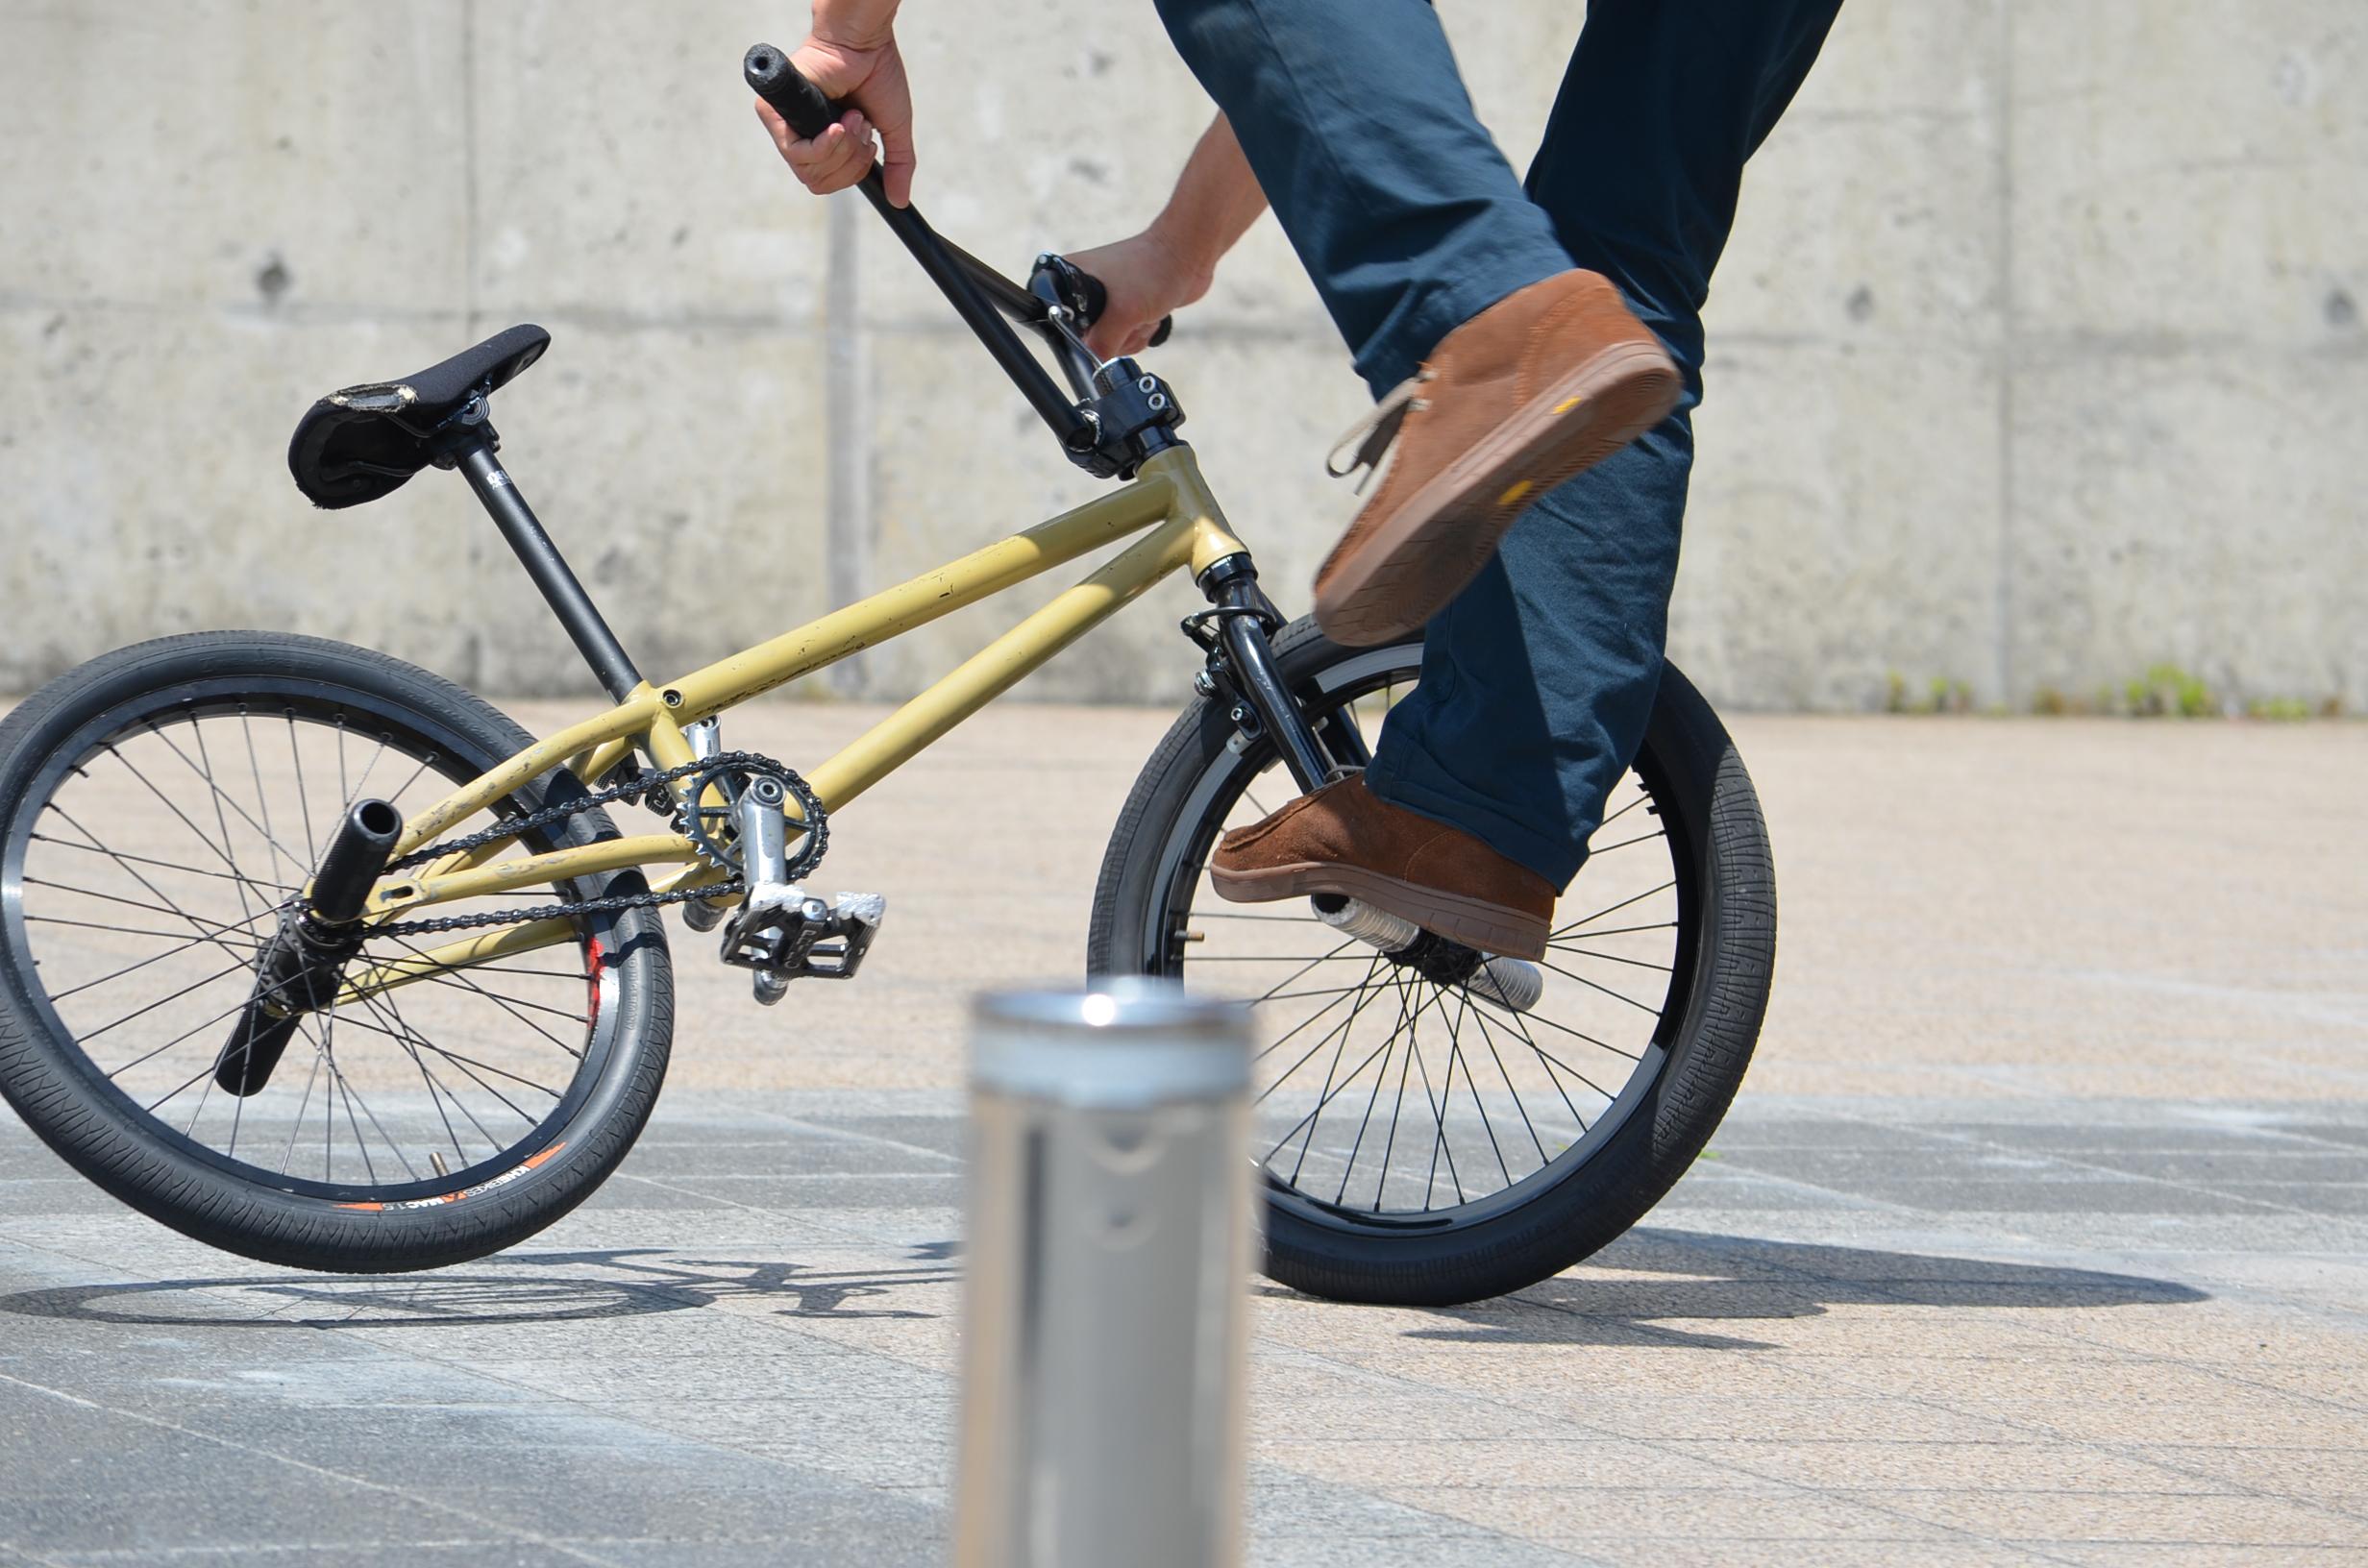 bmx riding skills the guide to flatland tricks